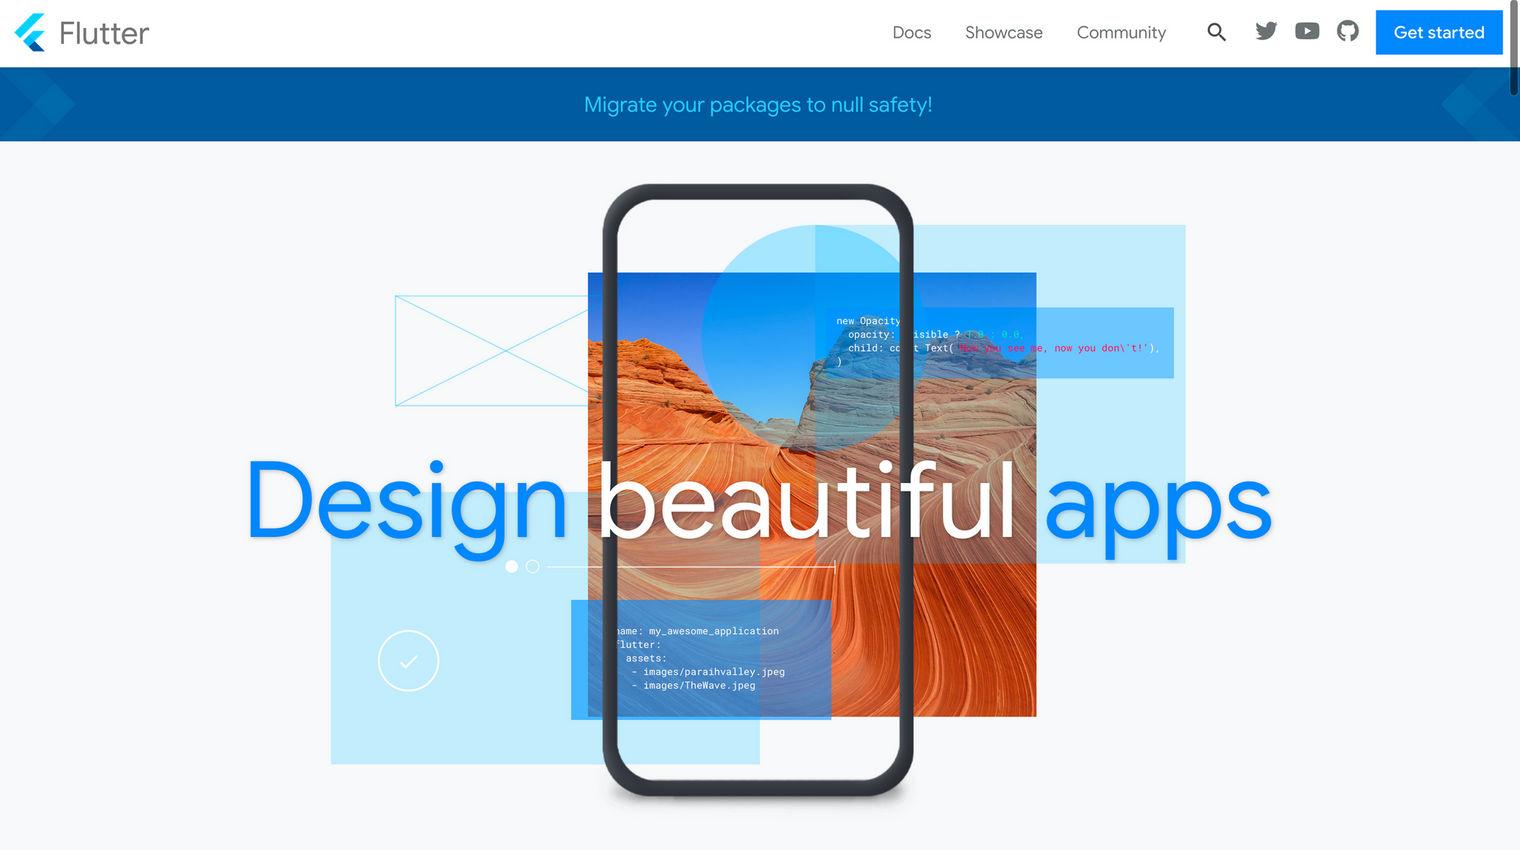 Flutter homepage